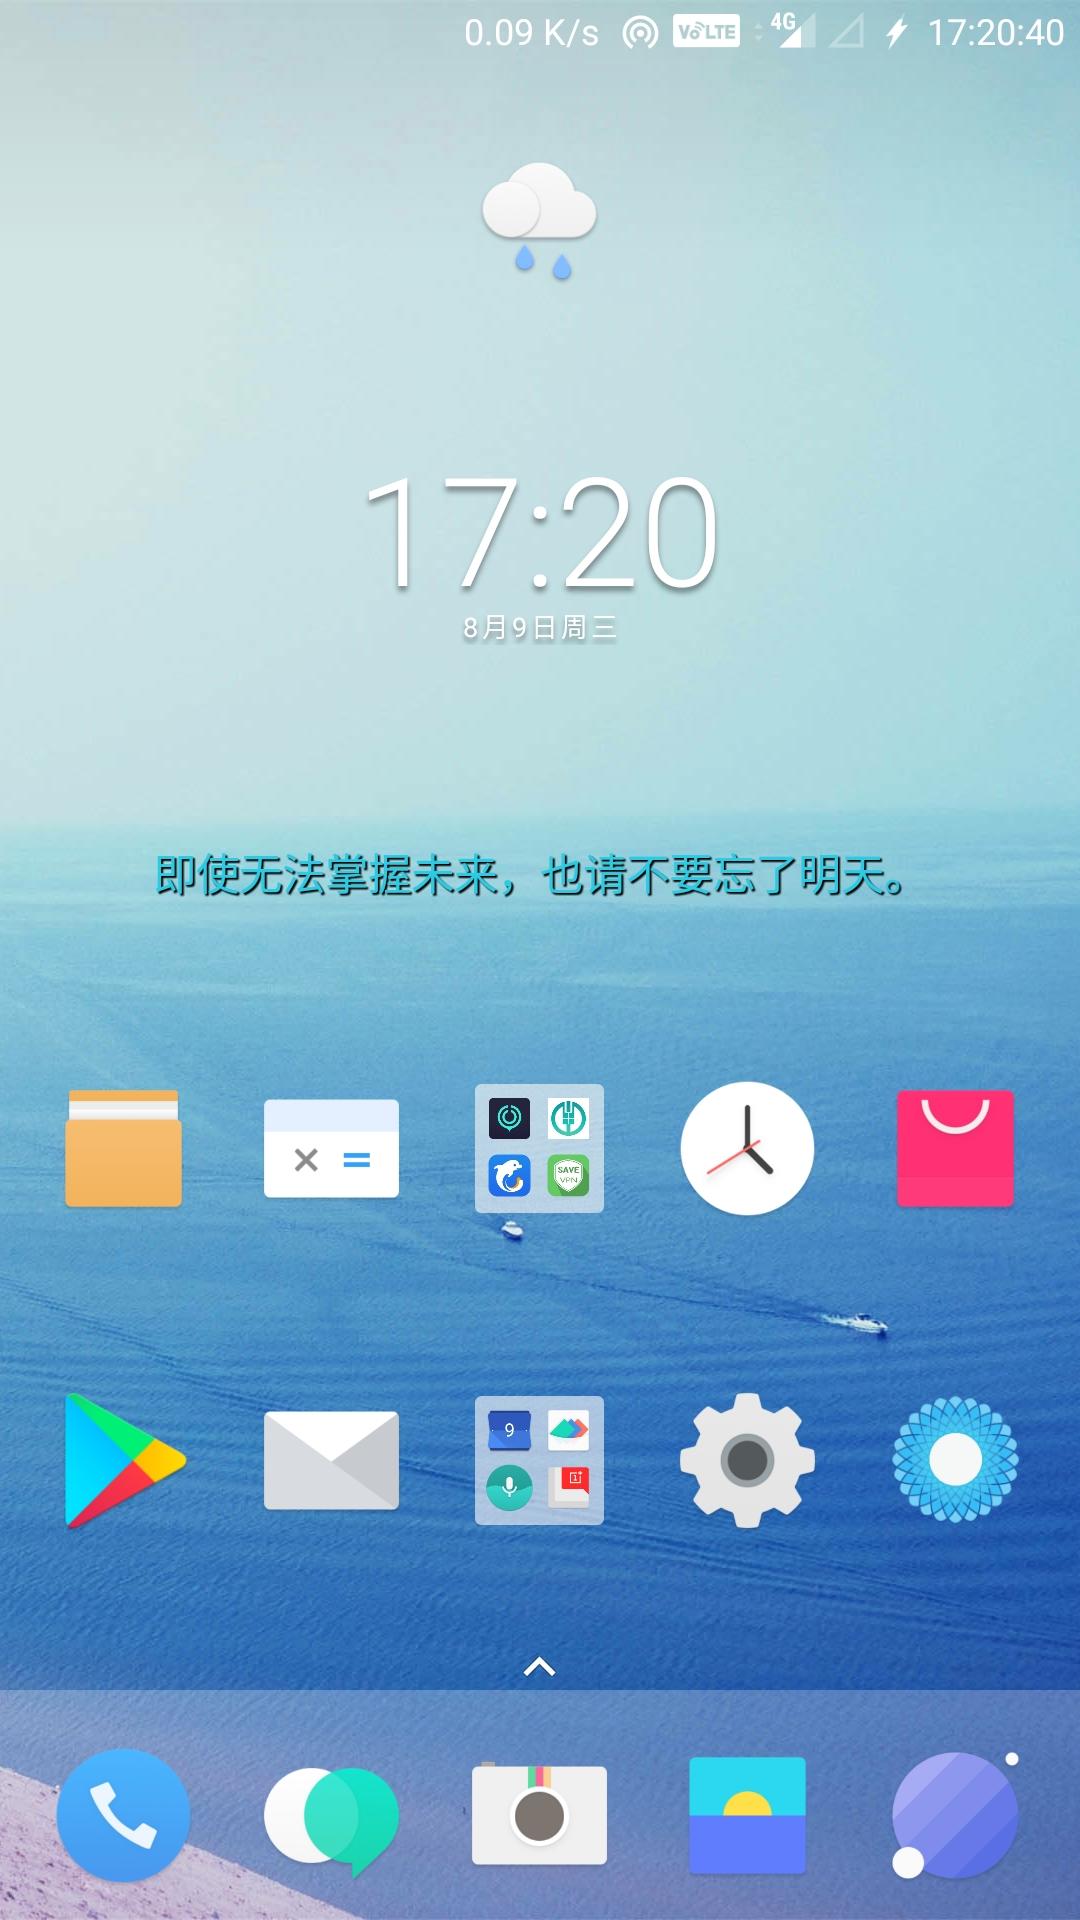 Screenshot_20170809-172040.jpg